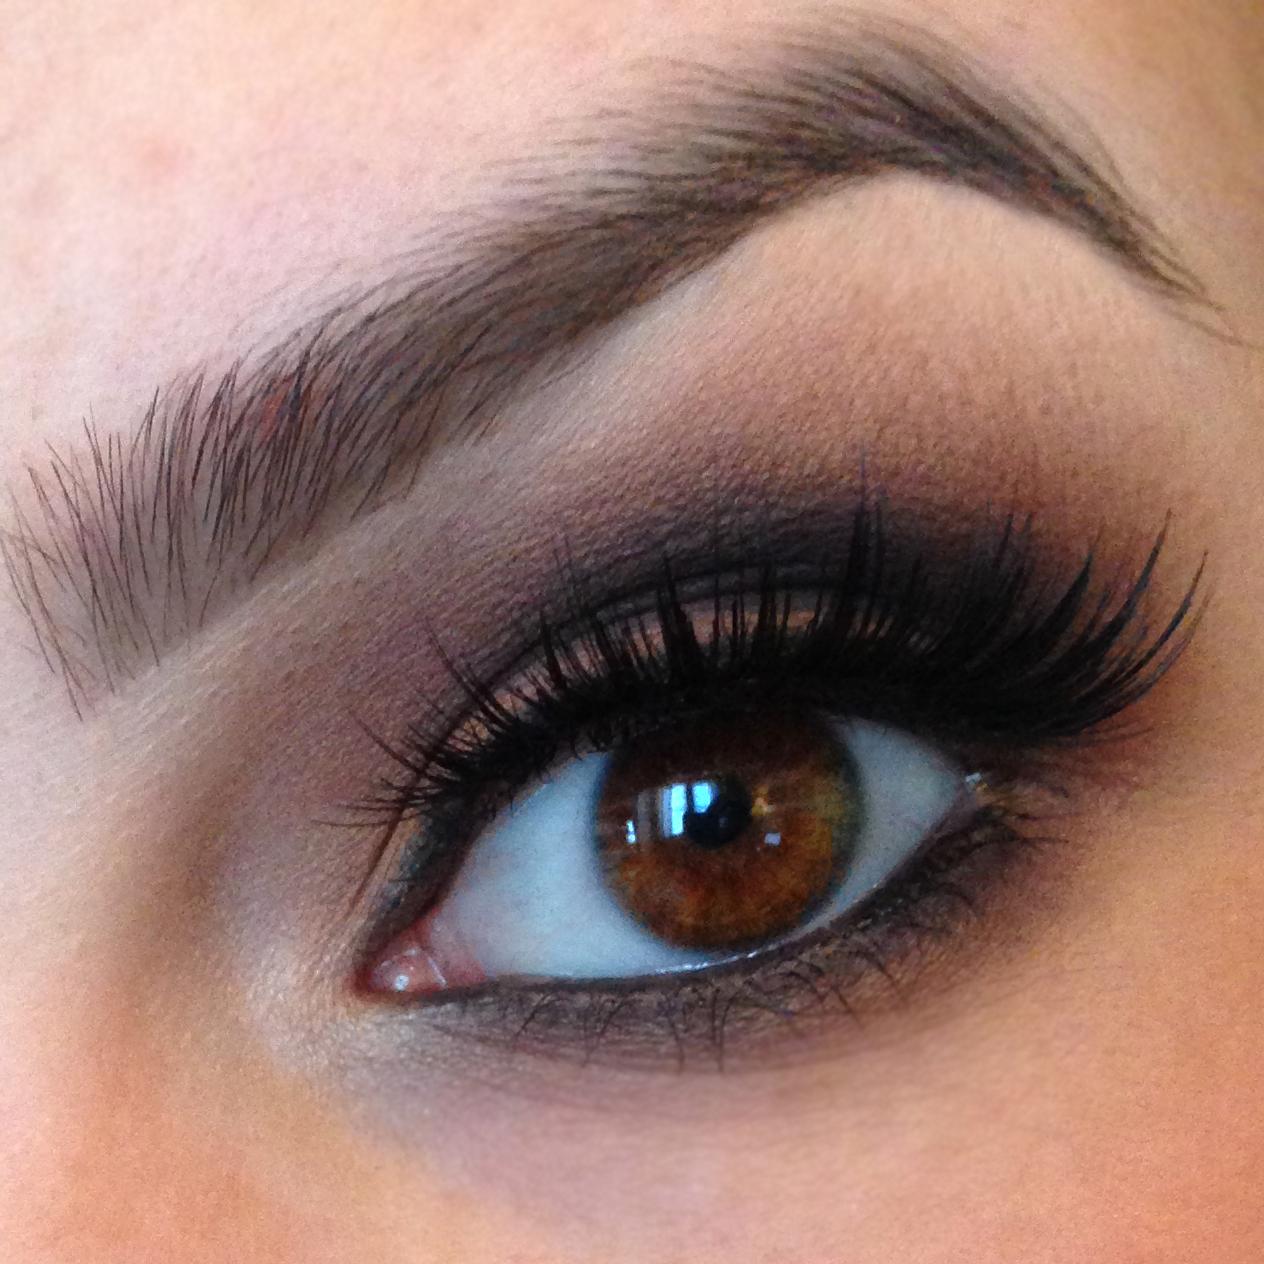 Noir Fairy BLK Tease & Makeup Bridal Lashes